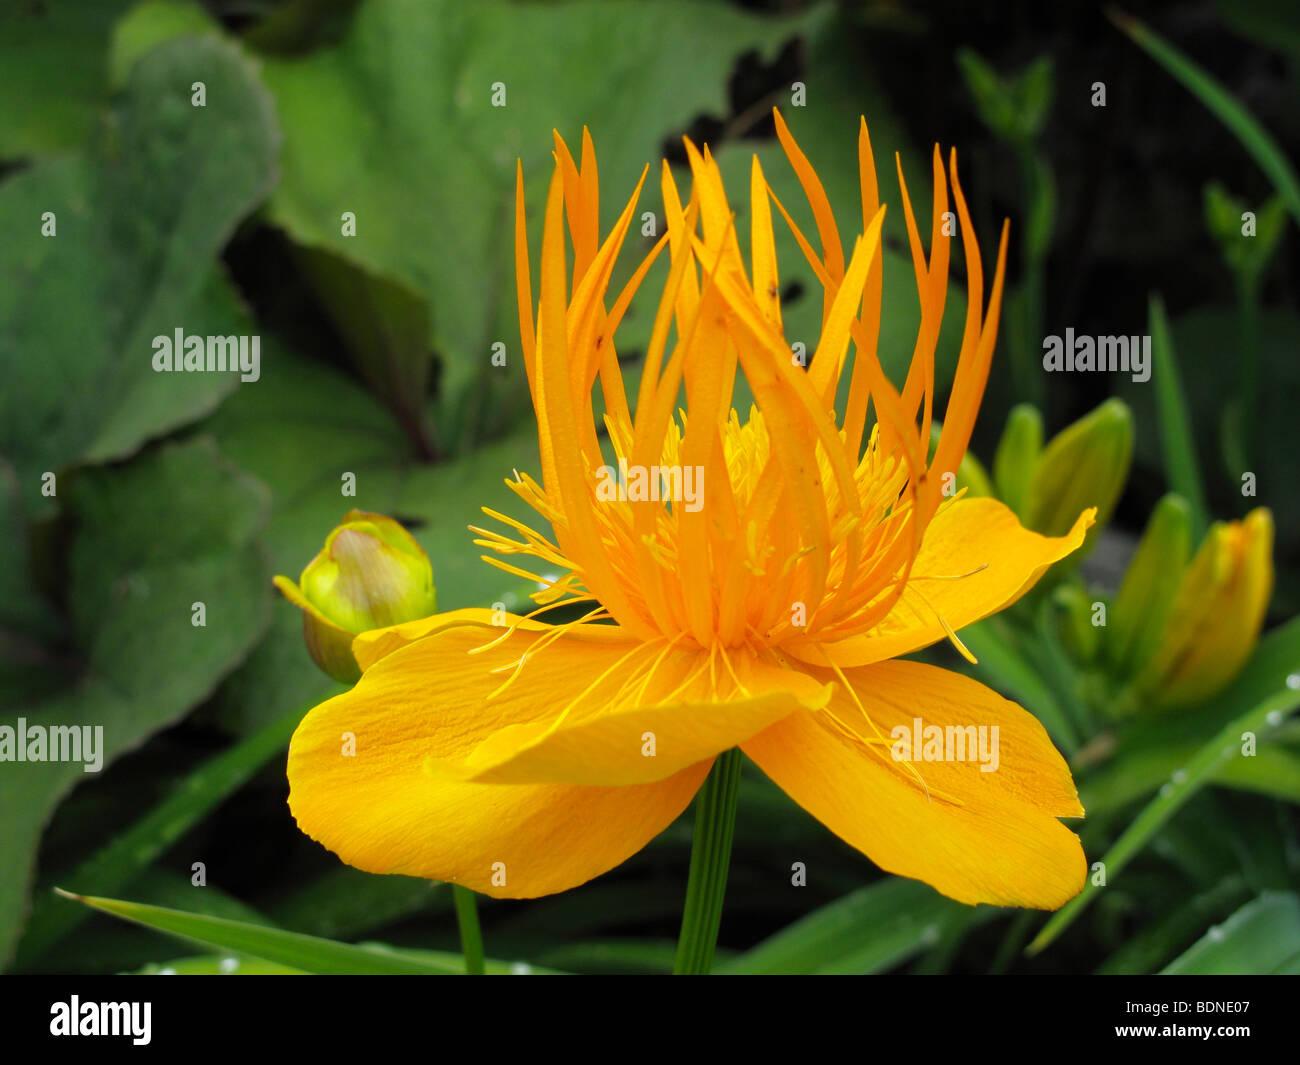 Chinese globe flower (Trollius chinensis) - Stock Image